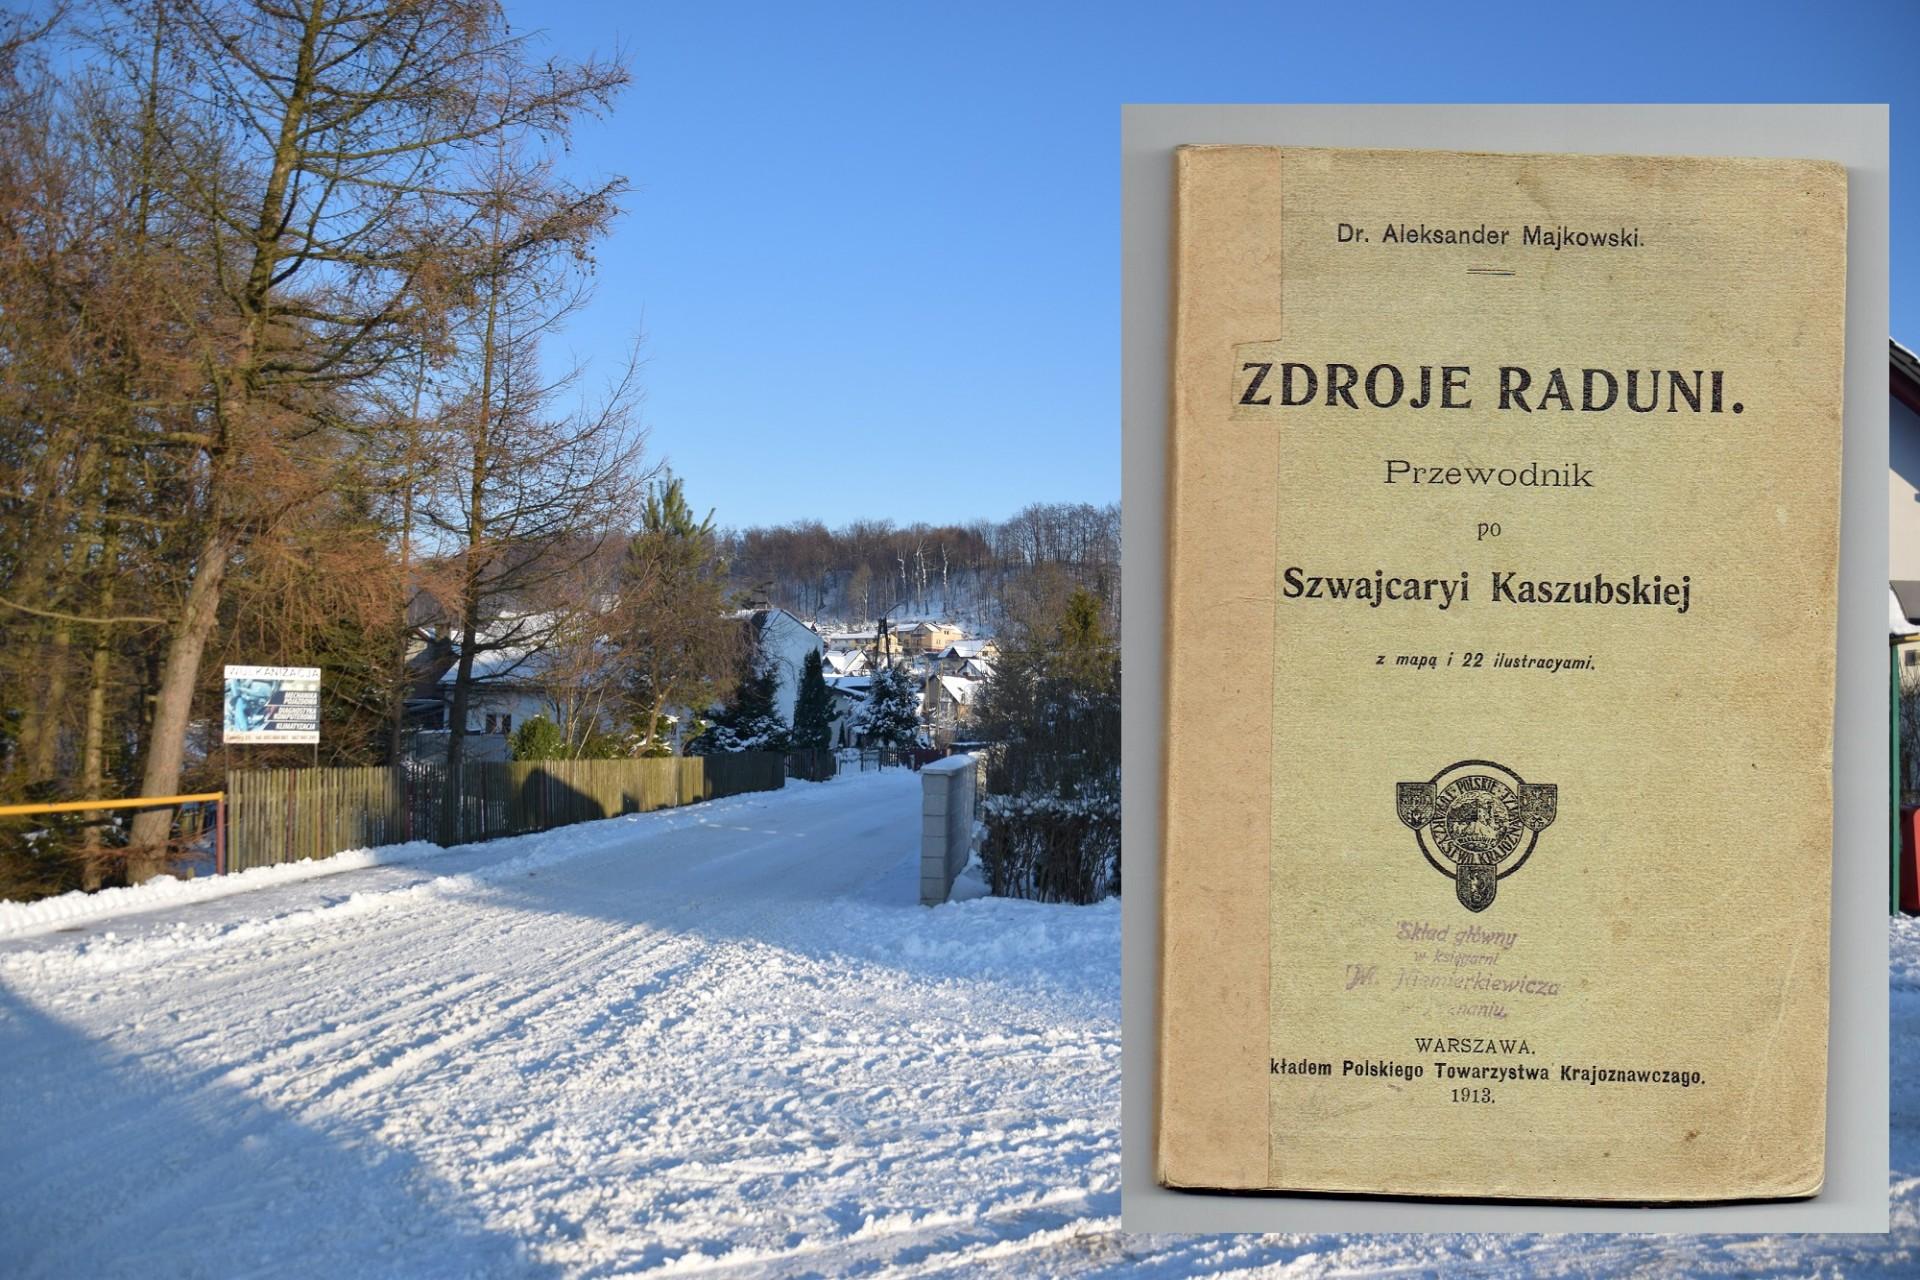 Zawory. Fot. Tomasz Słomczyński/Magazyn Kaszuby